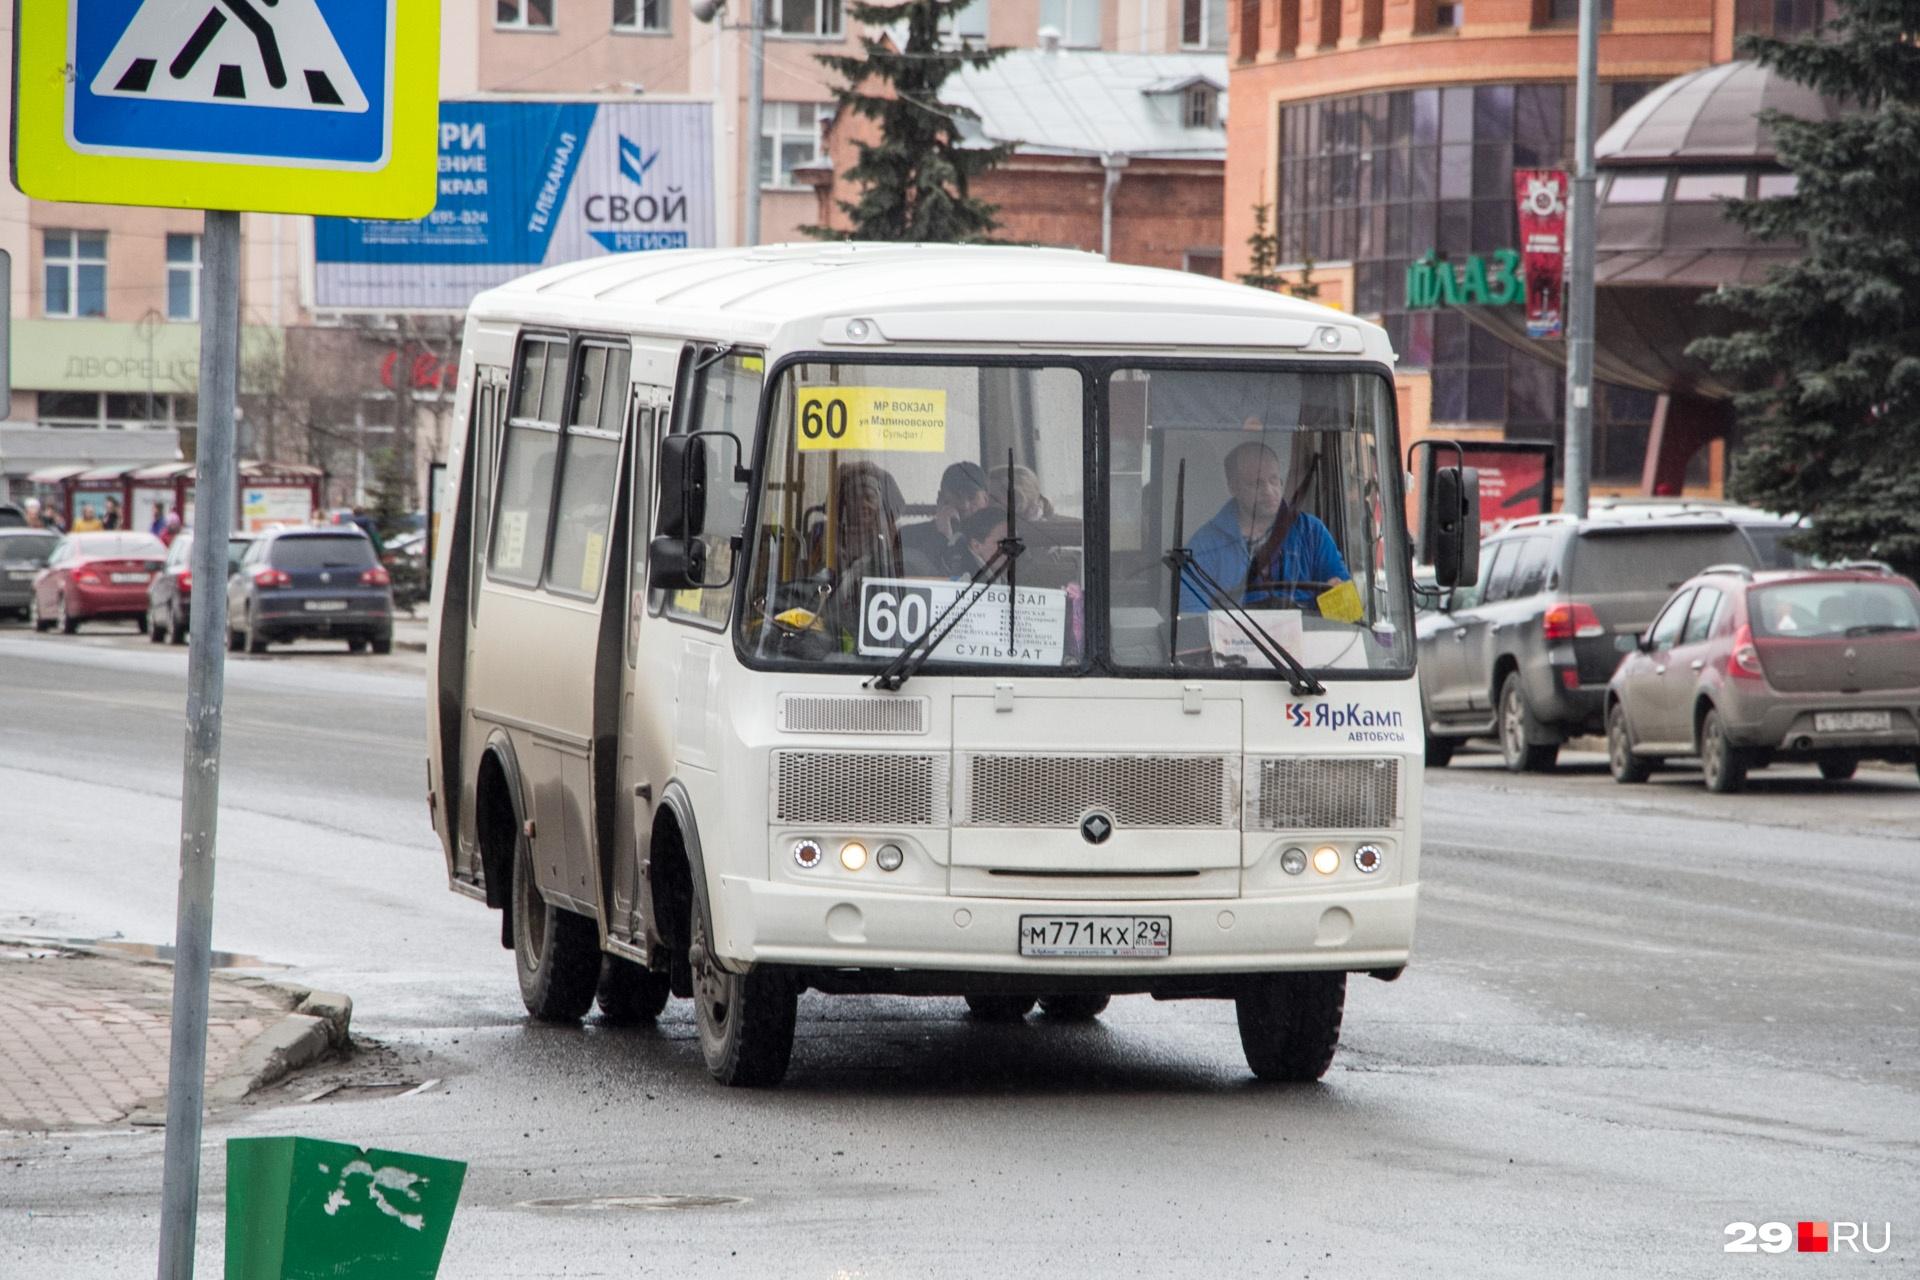 Оба кандидата считают, что нужно избавляться от пазиков на улицах Архангельска